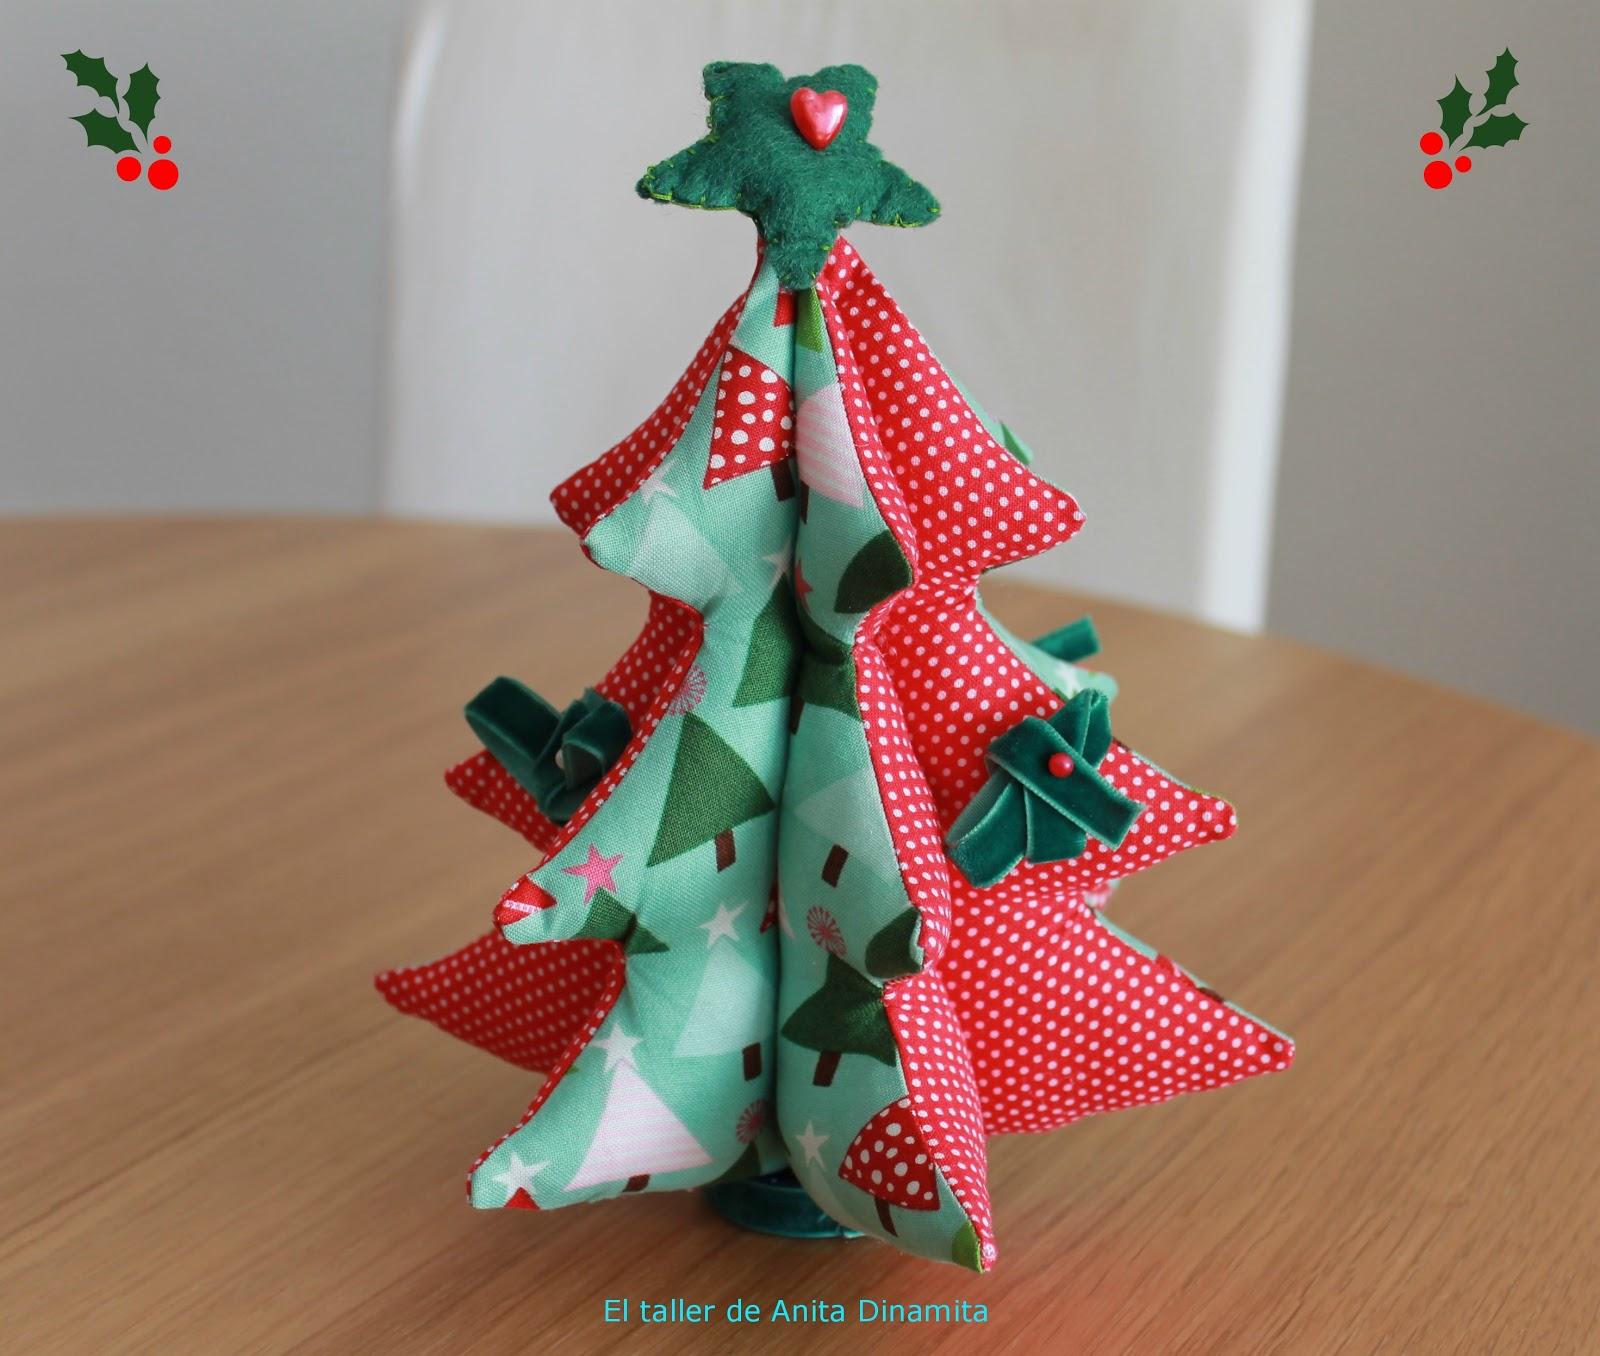 El taller de anitadinamita arbolito navide o de tela - Arbol de navidad de tela ...